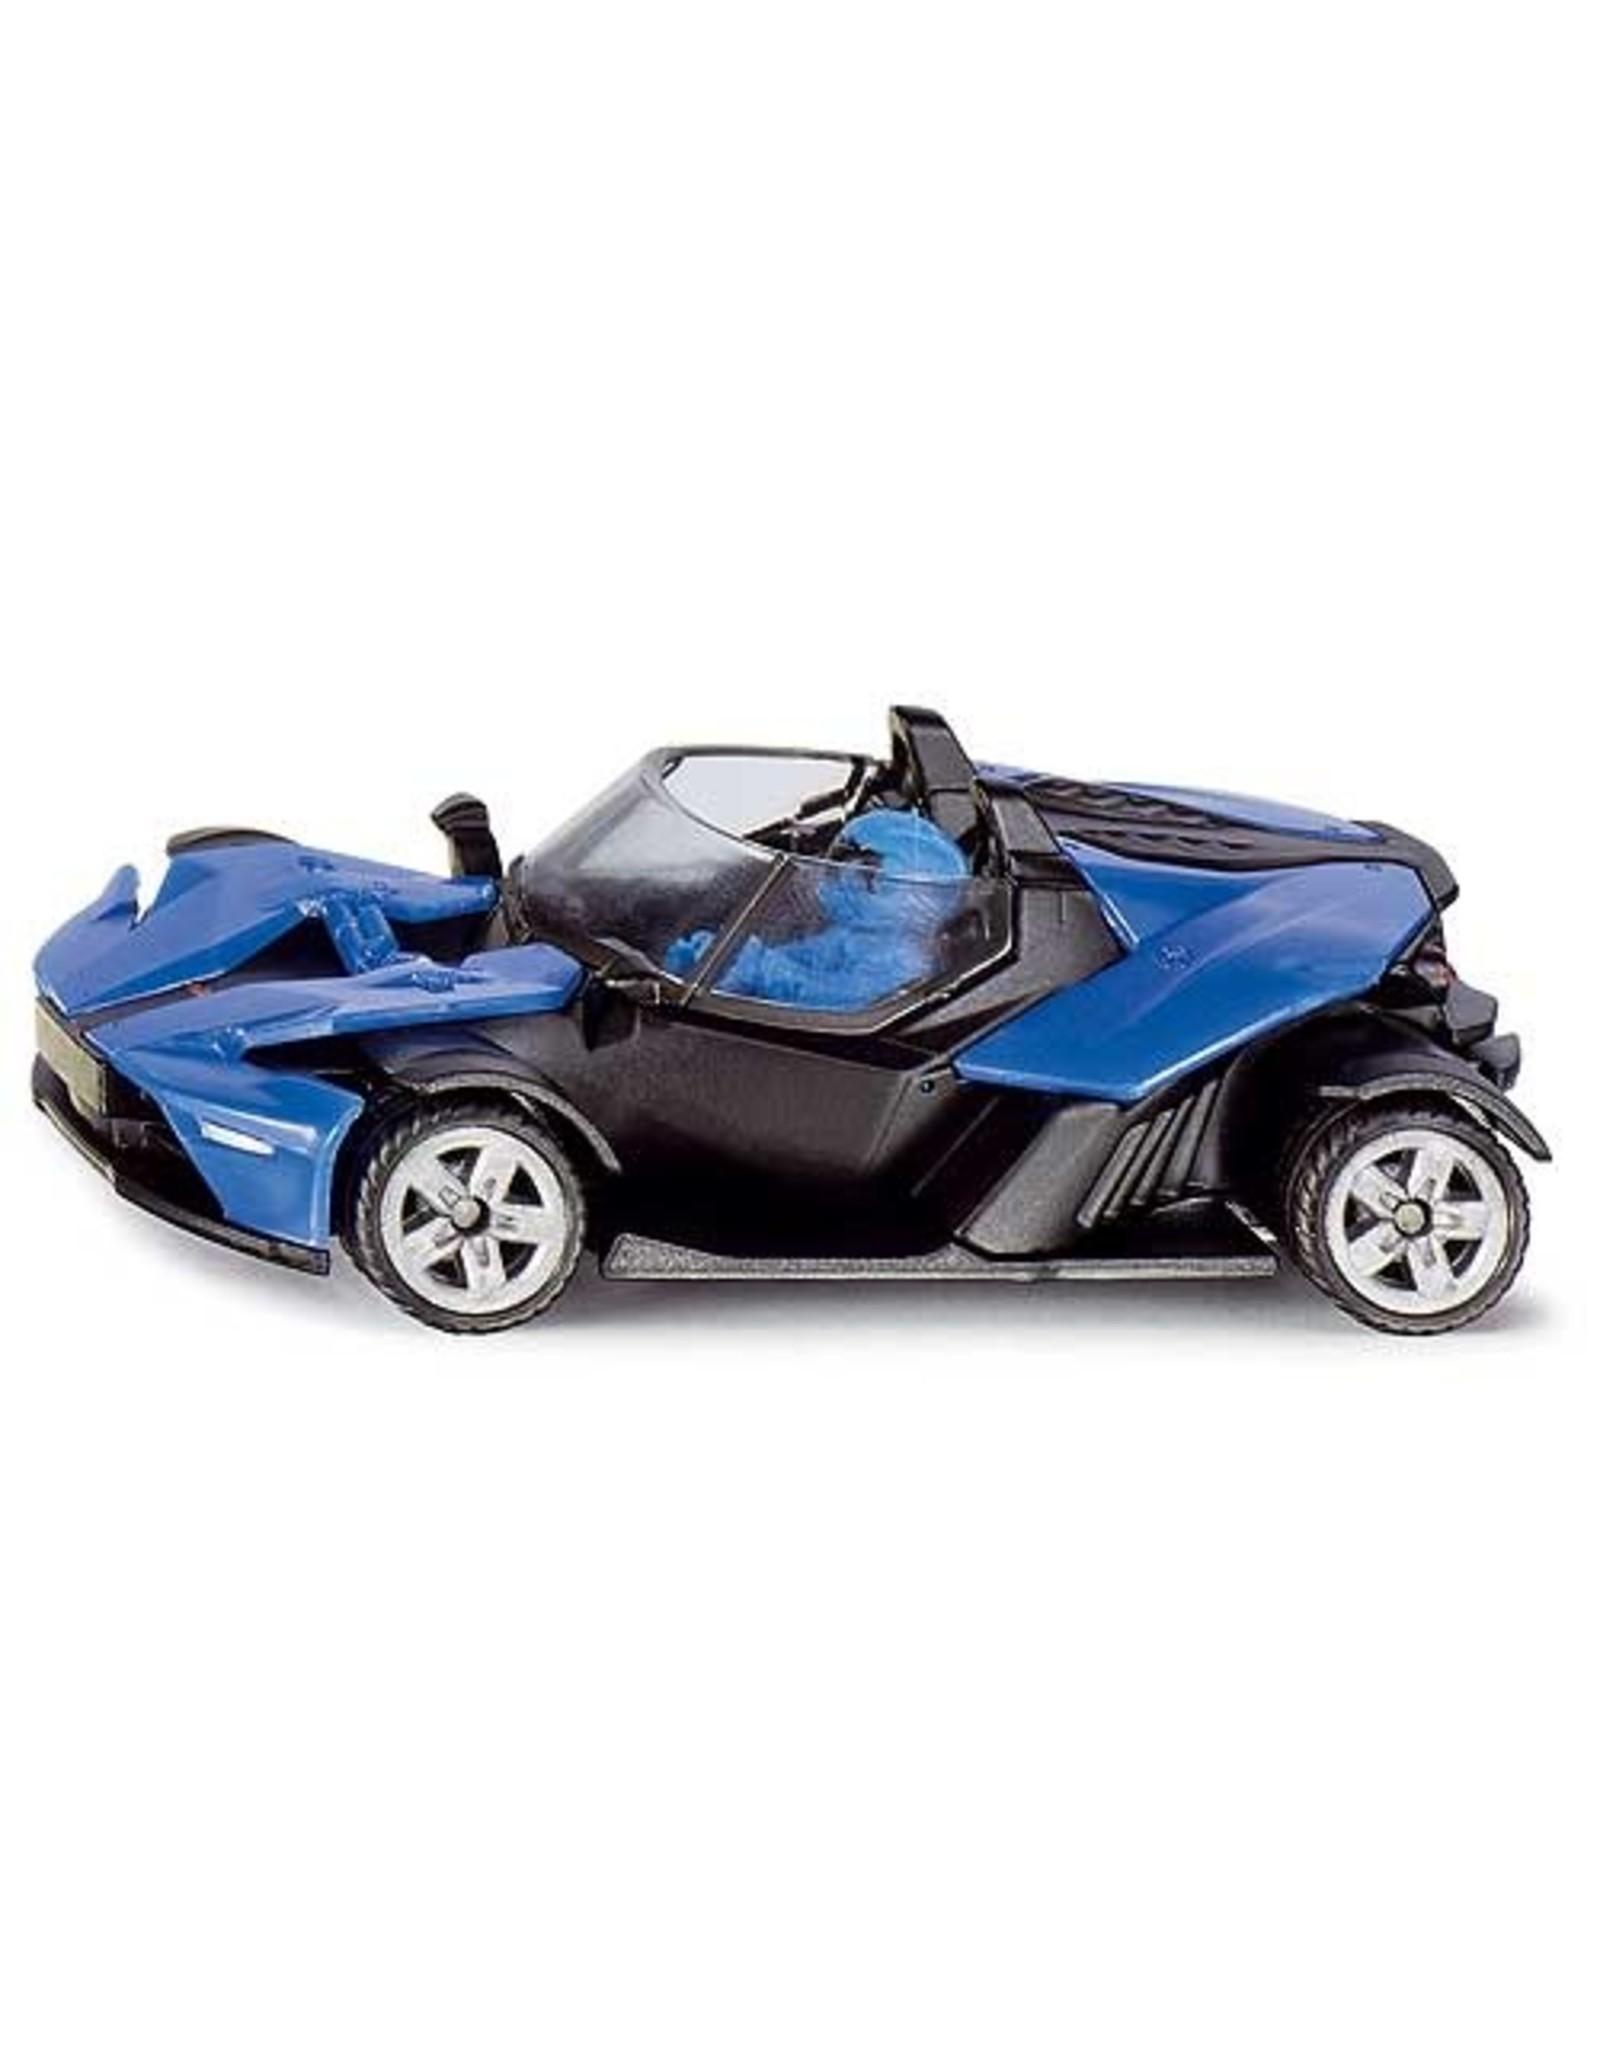 Siku Siku 1436 - KTM-X-BOW GT